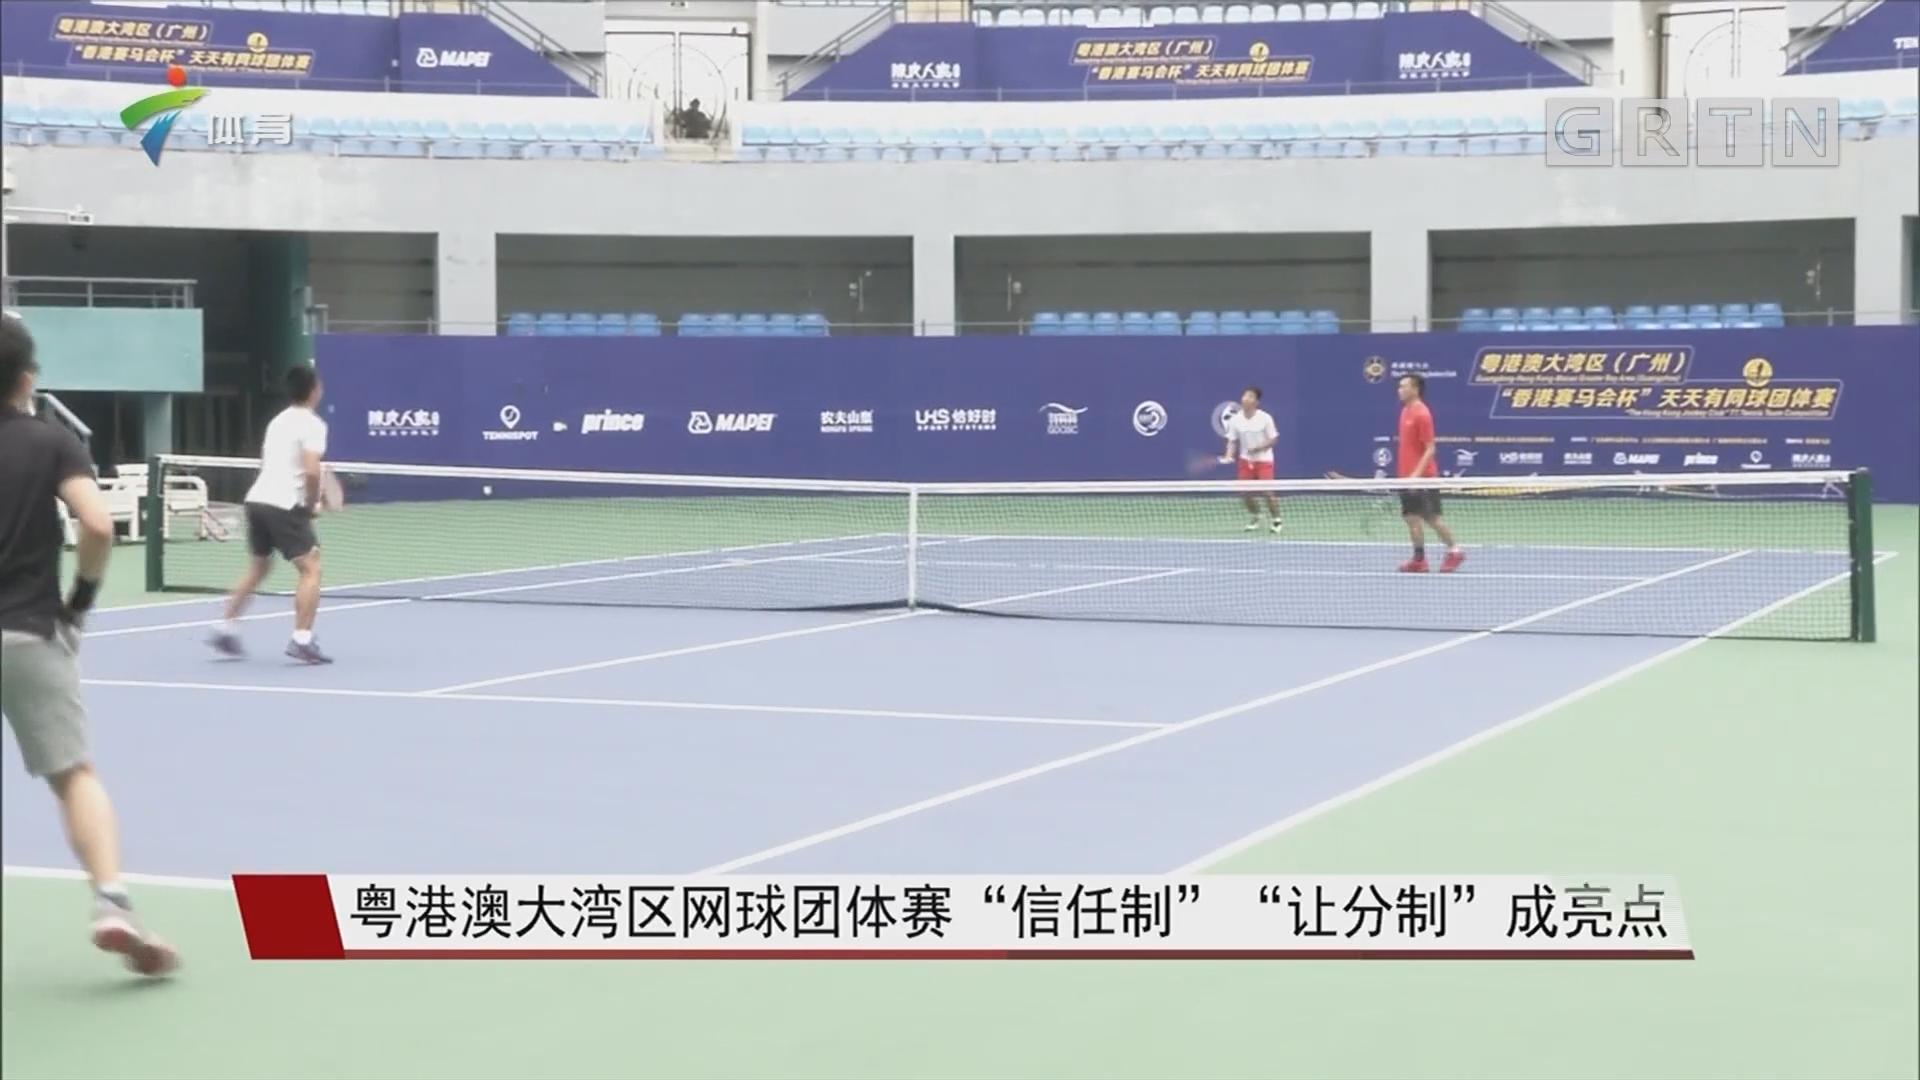 """粤港澳大湾区网球团体赛""""信任制"""" """"让分制""""成亮点"""